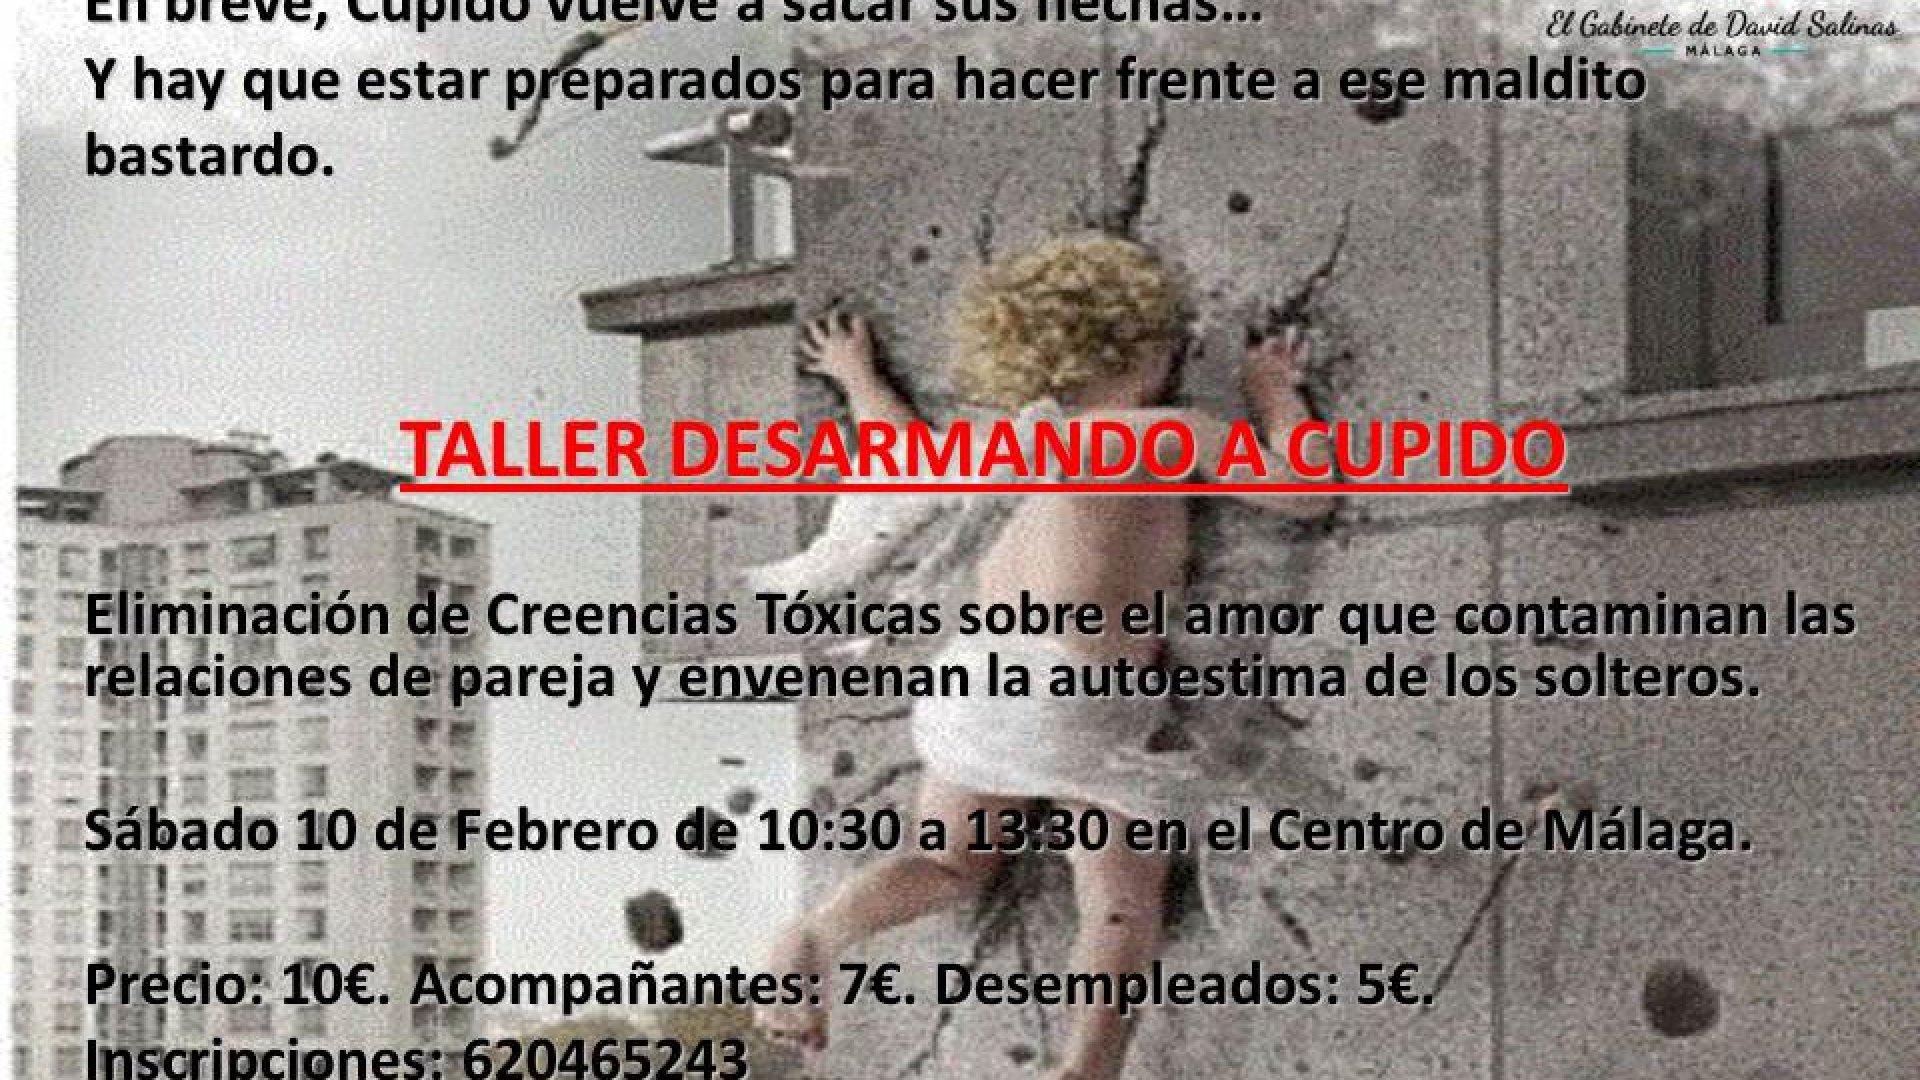 TALLER DESARMANDO A CUPIDO: ELIMINACIÓN DE CREENCIAS TÓXICAS SOBRE EL AMOR.